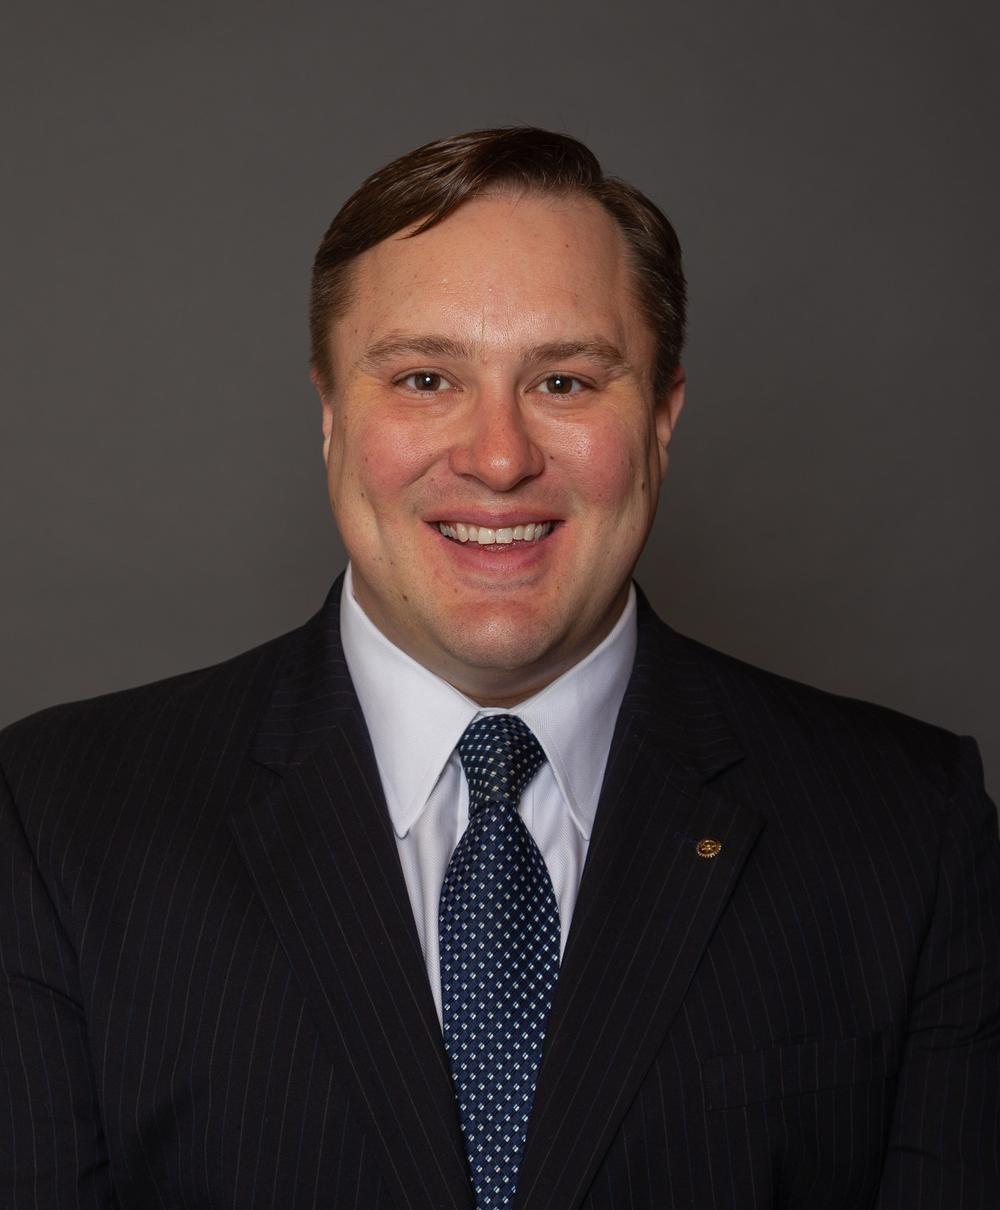 Samuel J. Bennett, CFP® Photo